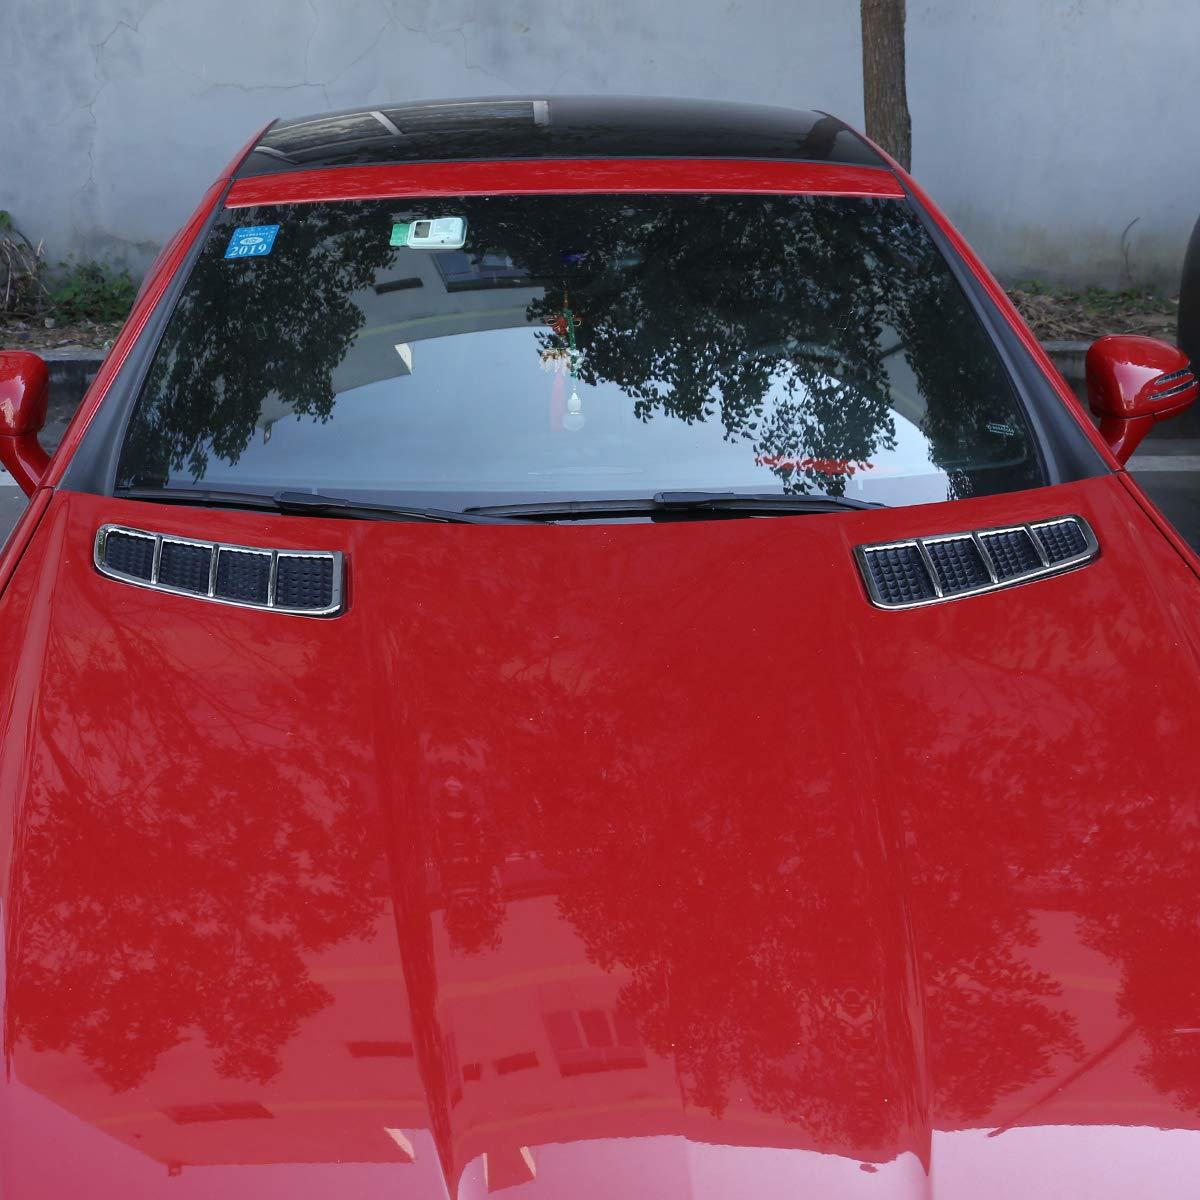 DIYUCAR Cadre d/écoratif en ABS chrom/é pour sortie dair de voiture pour MB Benz Classe SLK R172 SLK200 250 350 2011 2015 Accessoires